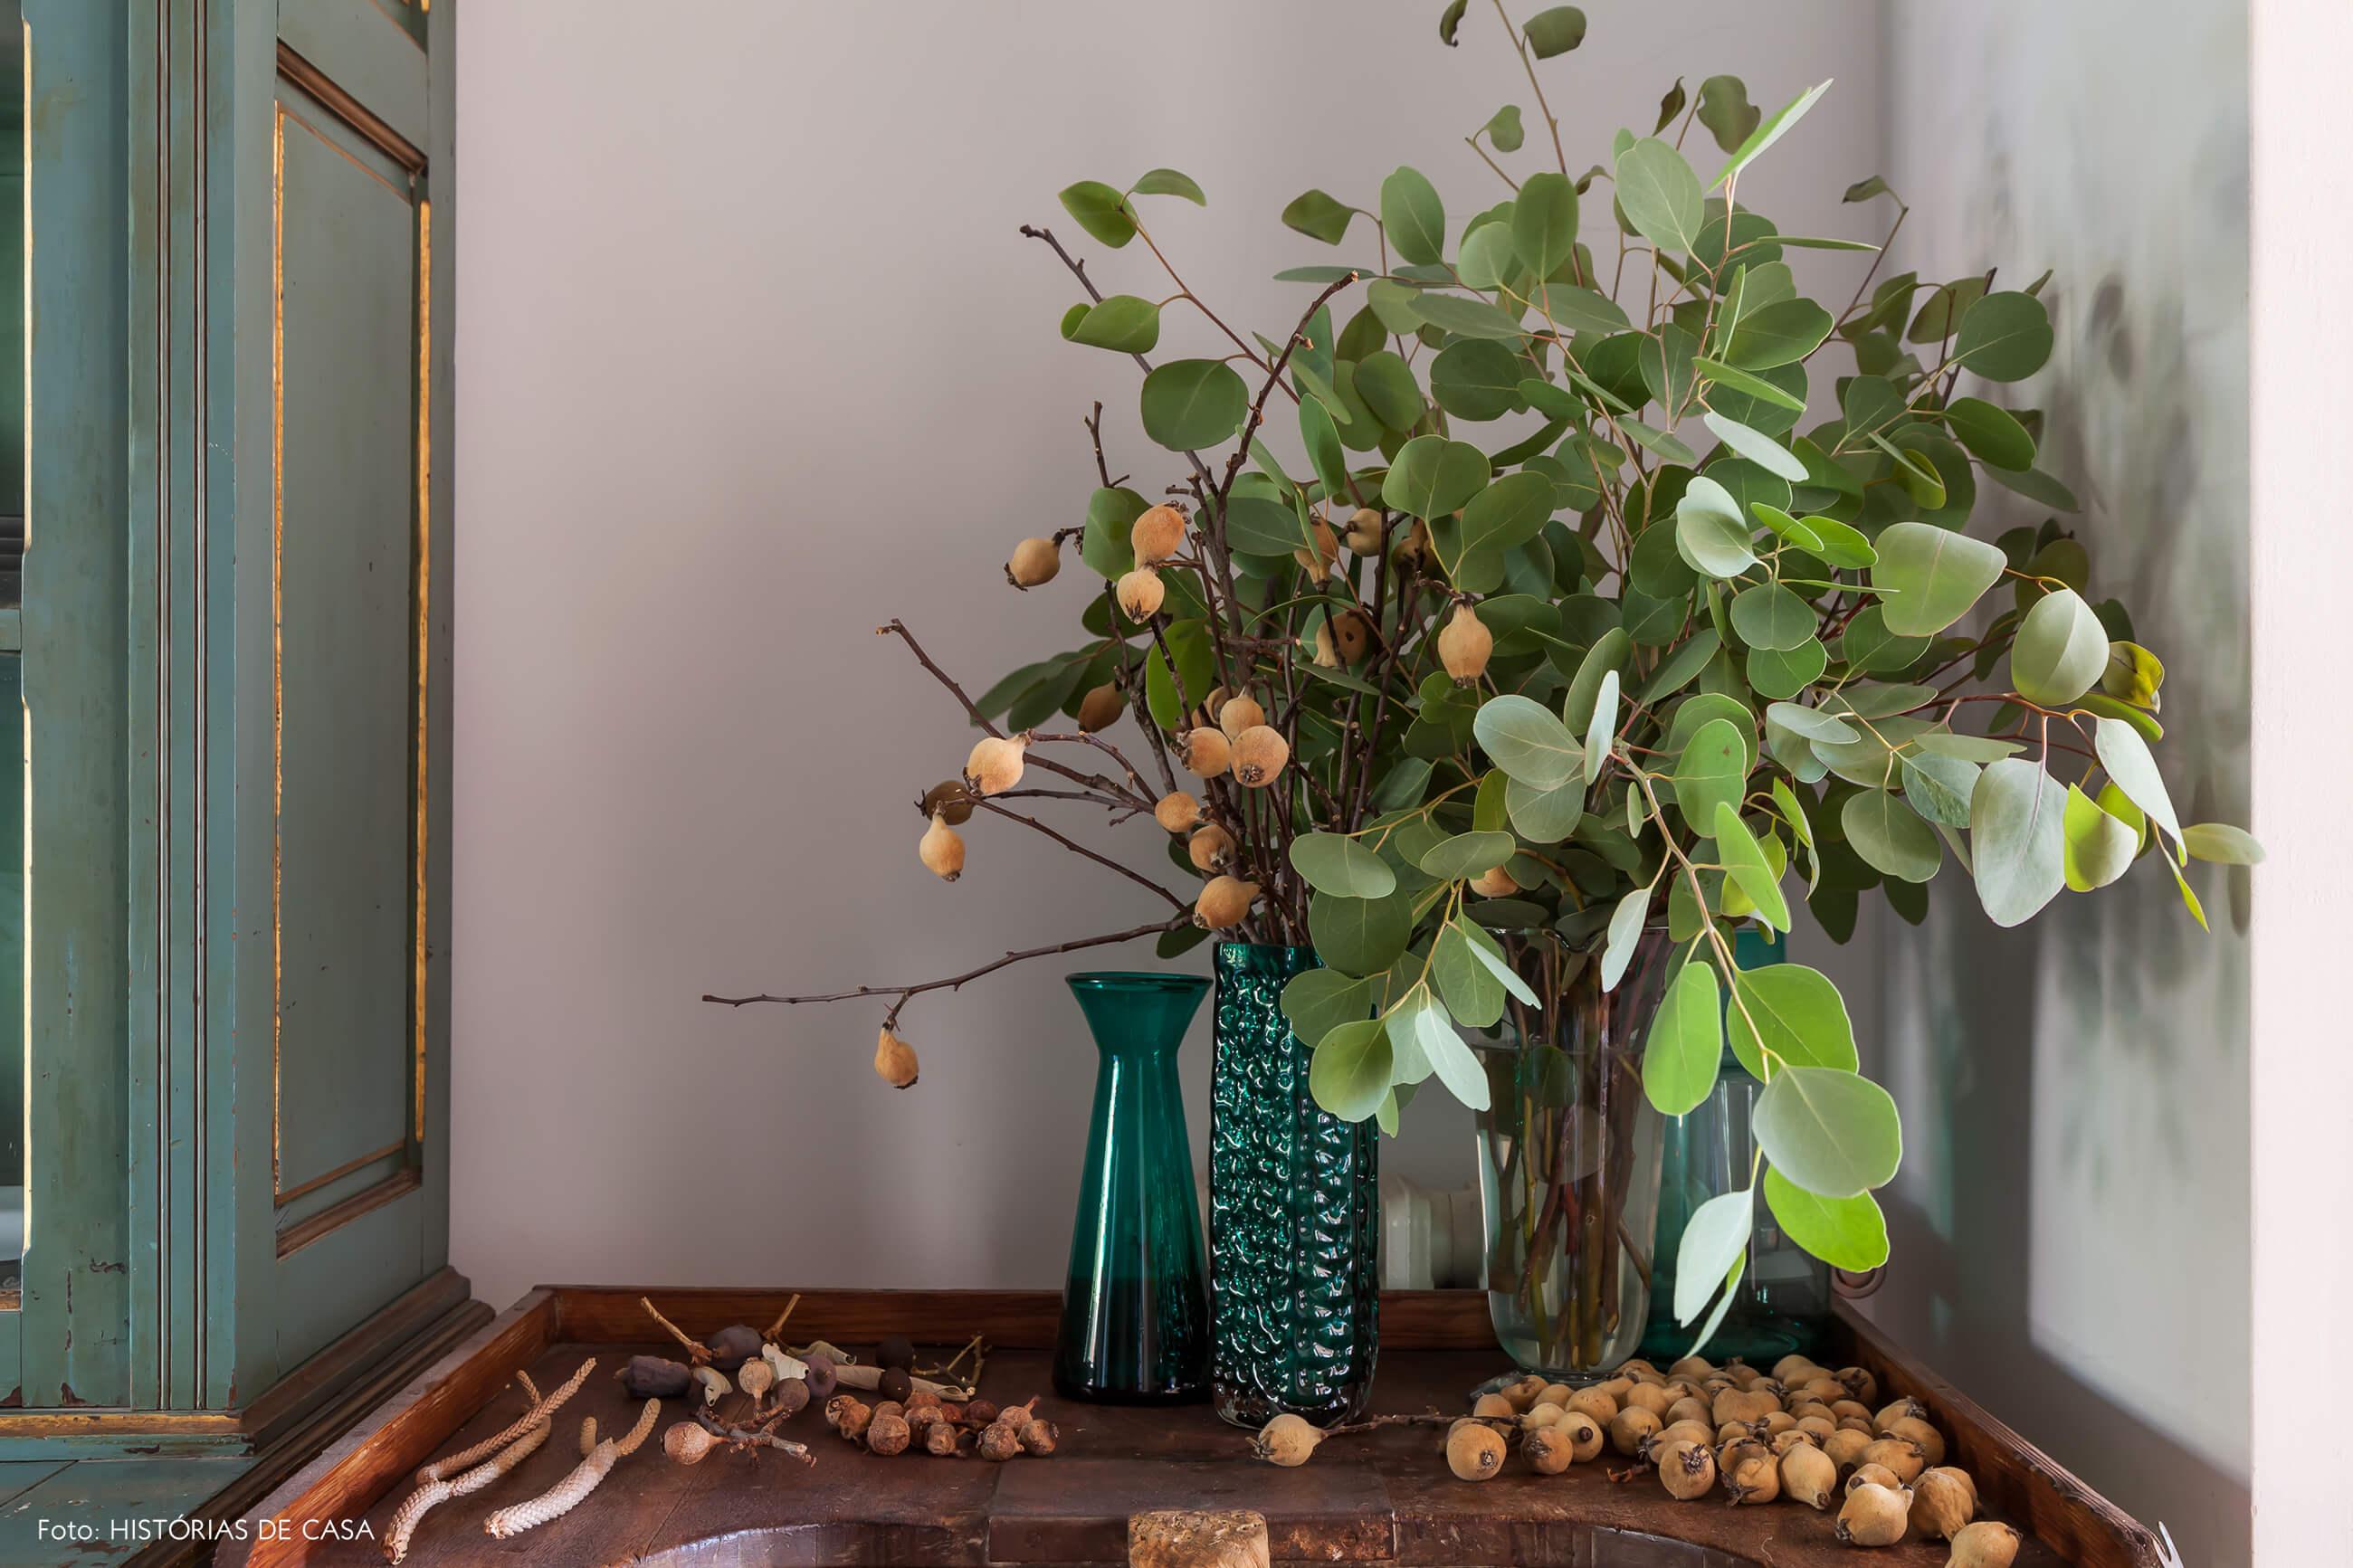 Detalhe da decoração com armário e vasos verdes e plantas